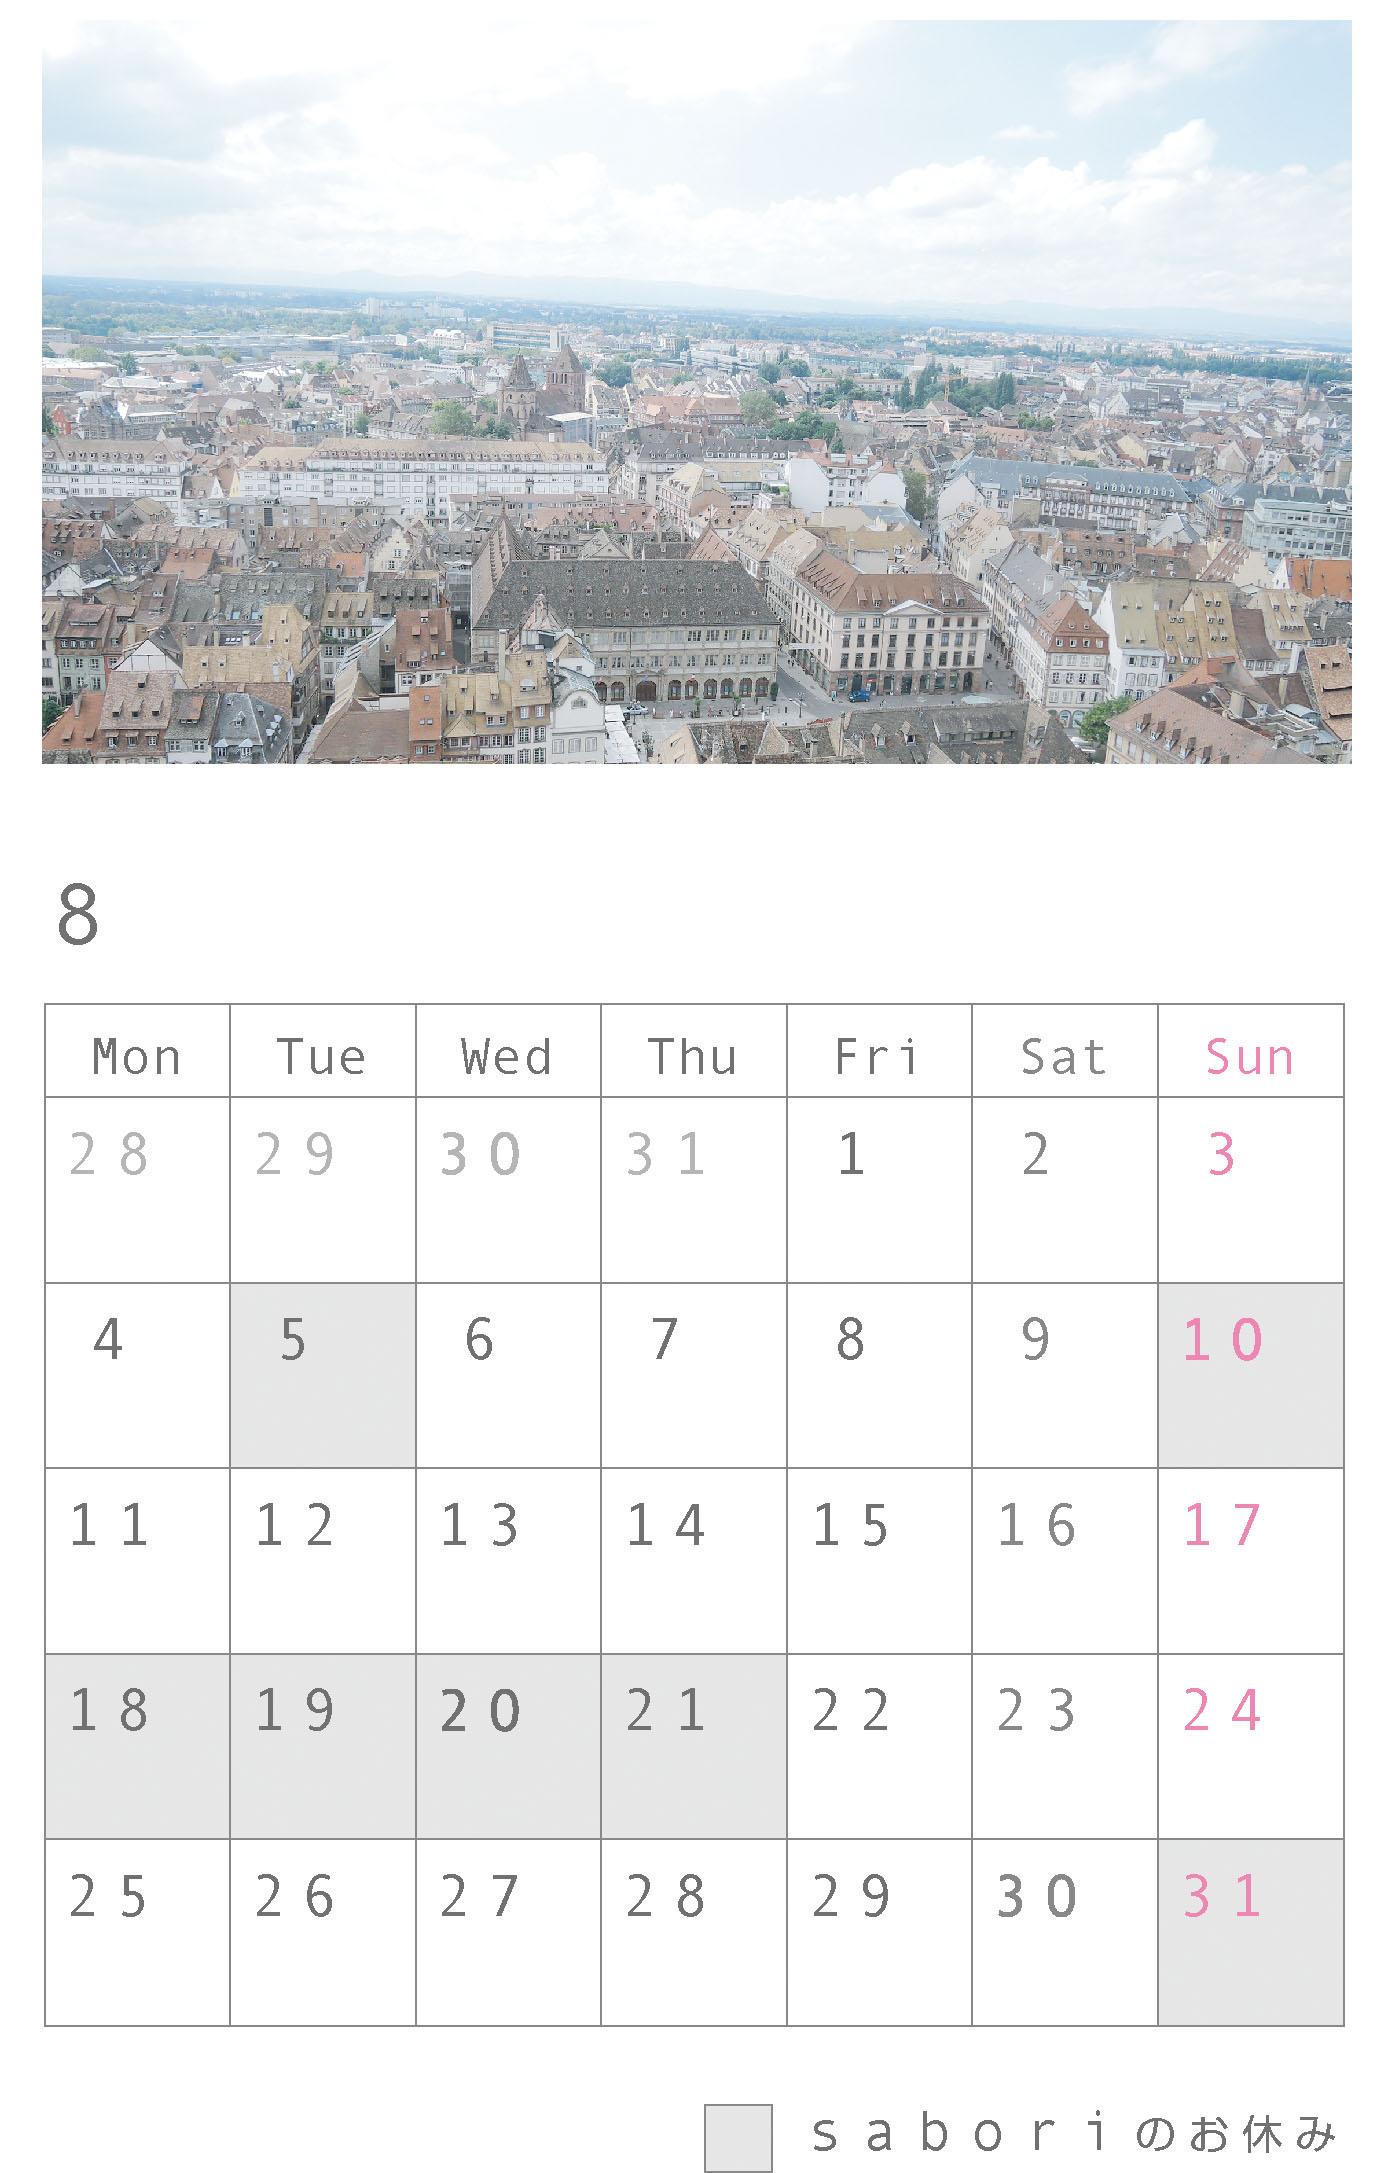 sabori8月のカレンダー